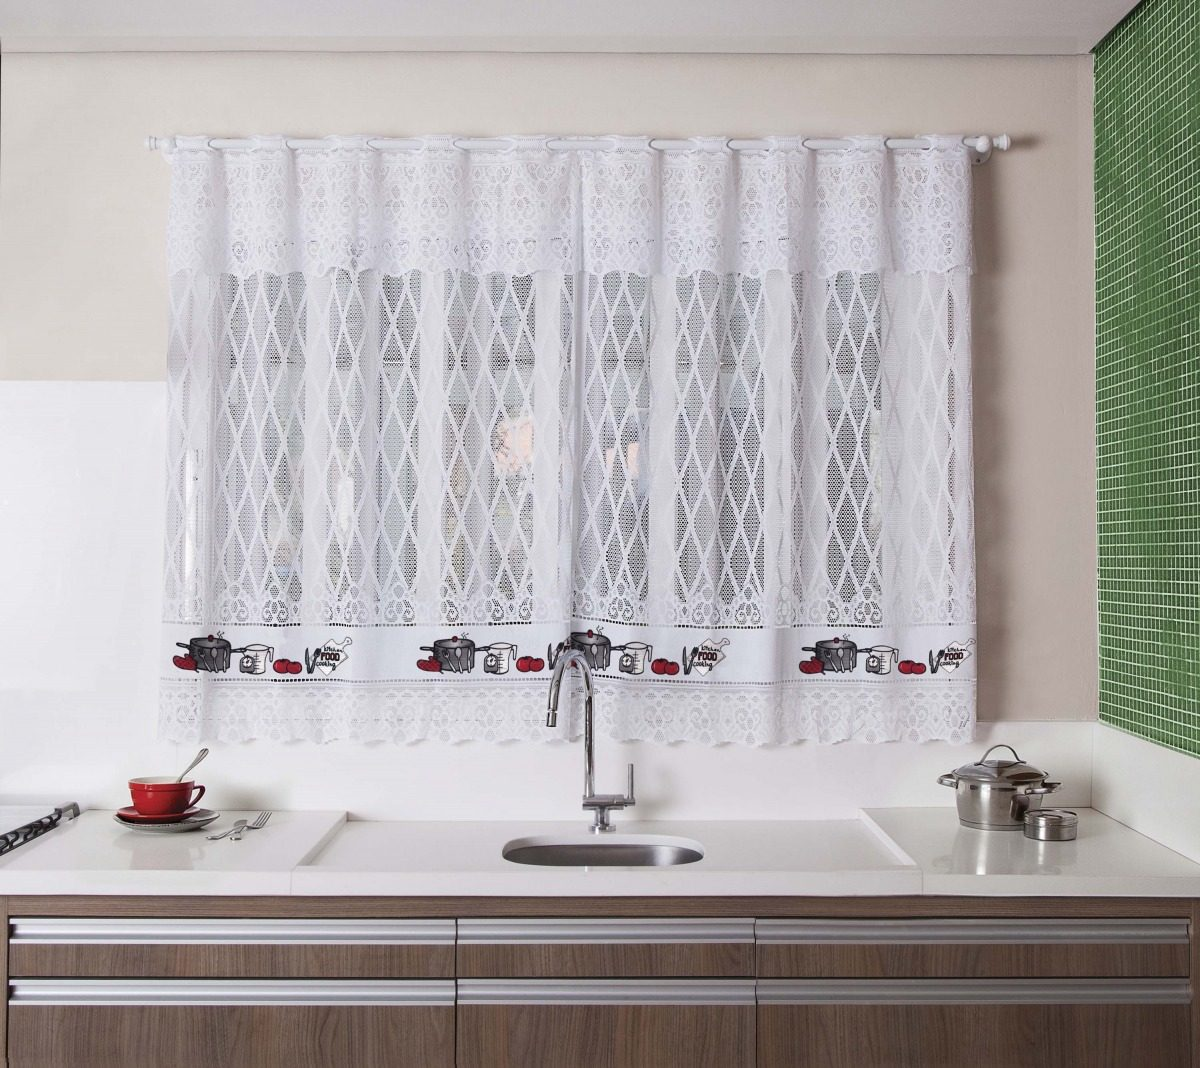 Cortina Renda De Cozinha Casa Decora O Estampa 200 X 150 Cm R 44